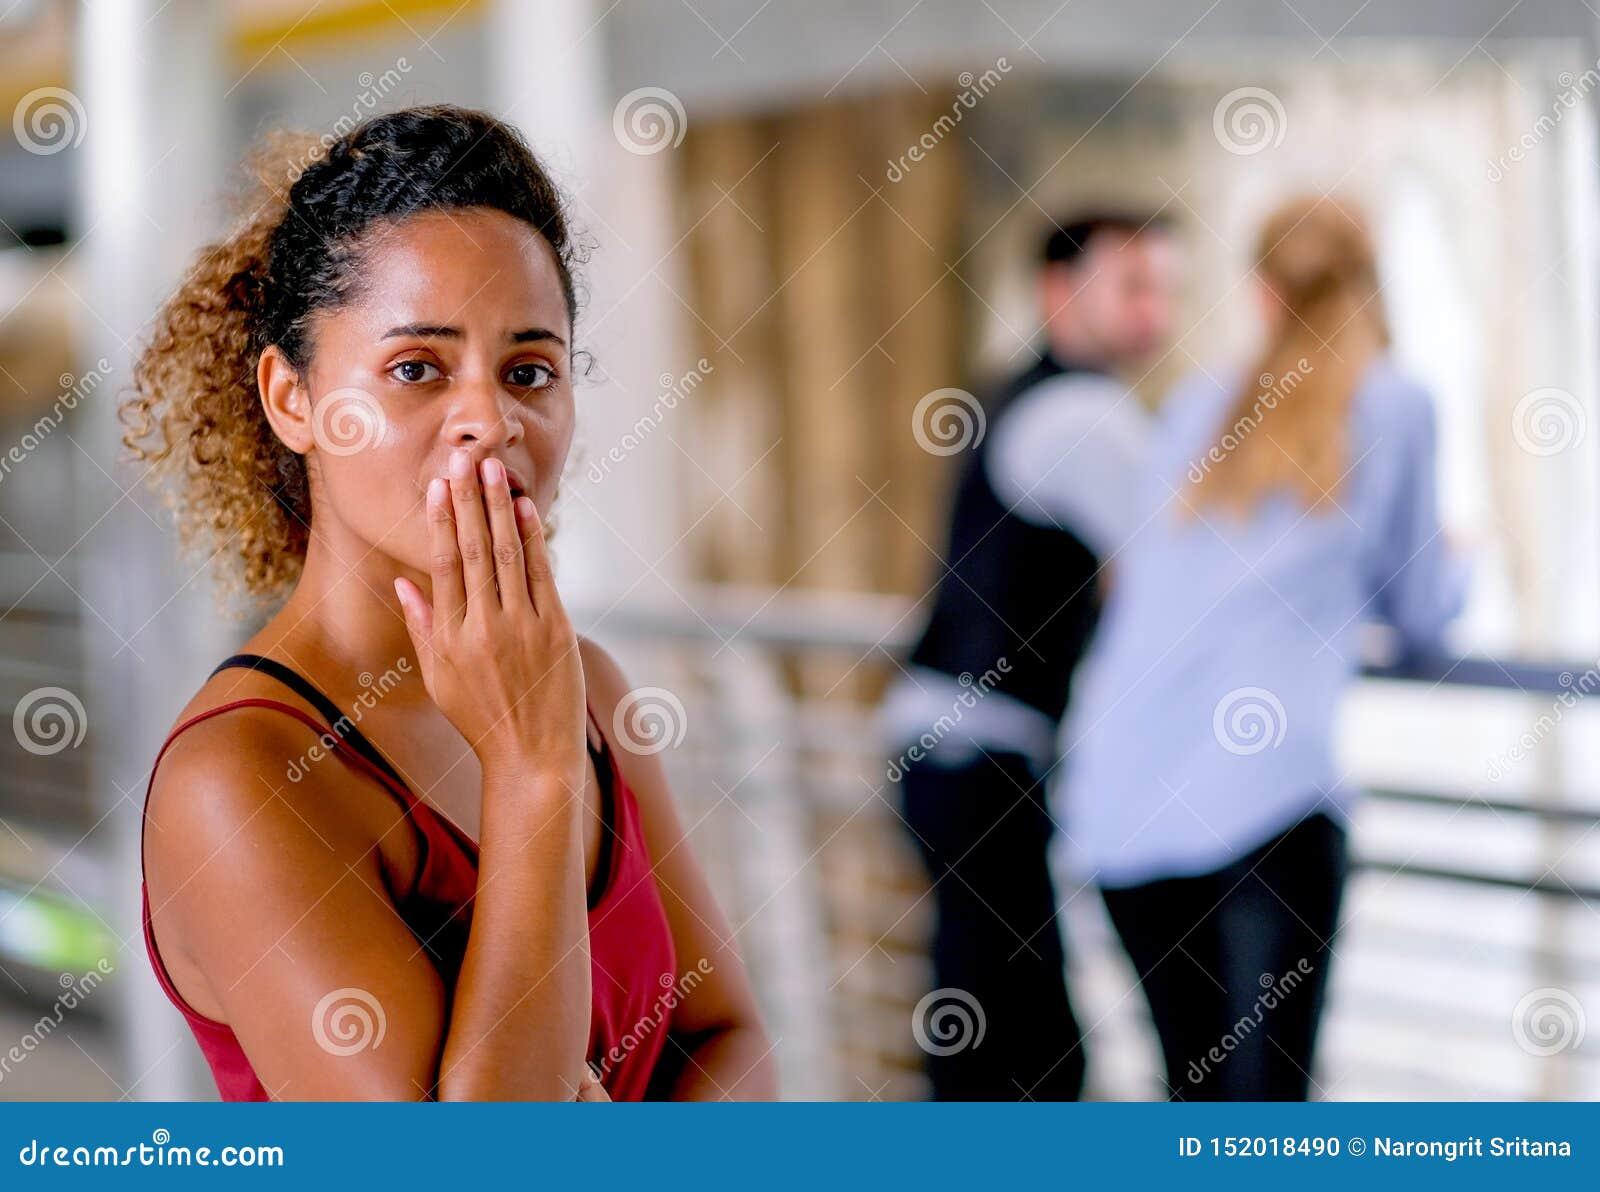 A mulher bronzeado escura da raça misturada da pele atua como virado ou infeliz quando encontrou sua conversa do amigo de menino